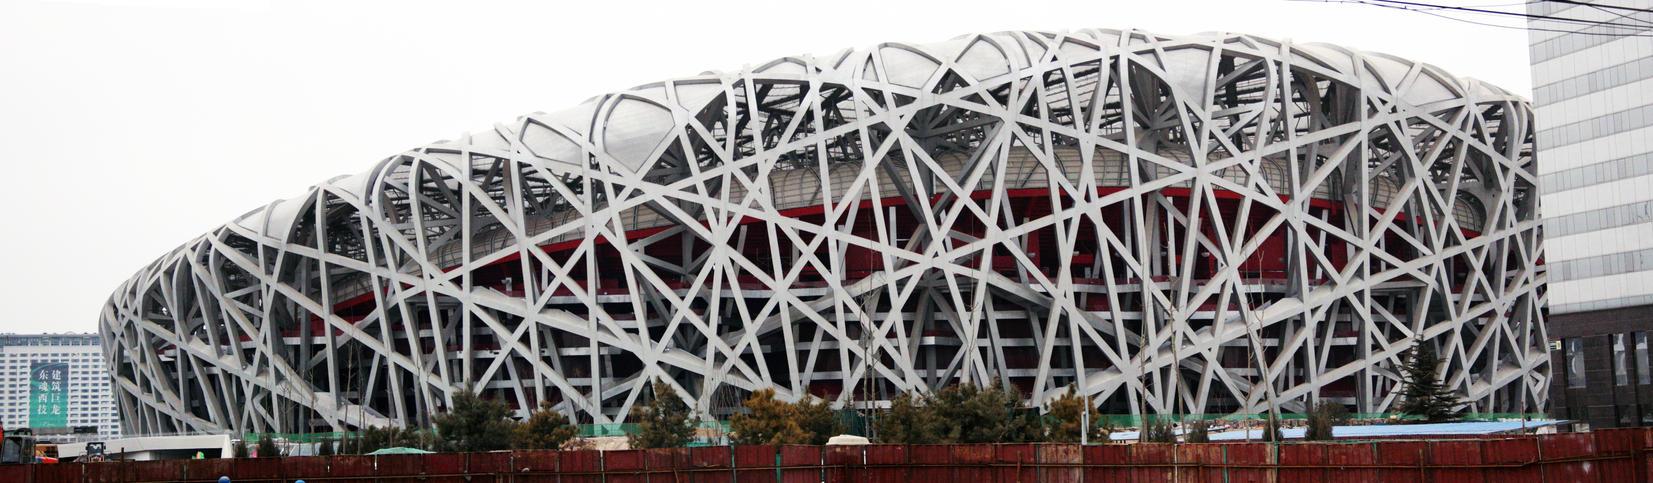 Olympic bird 39 s nest stadium by lattin1 on deviantart for The bird s nest stadium